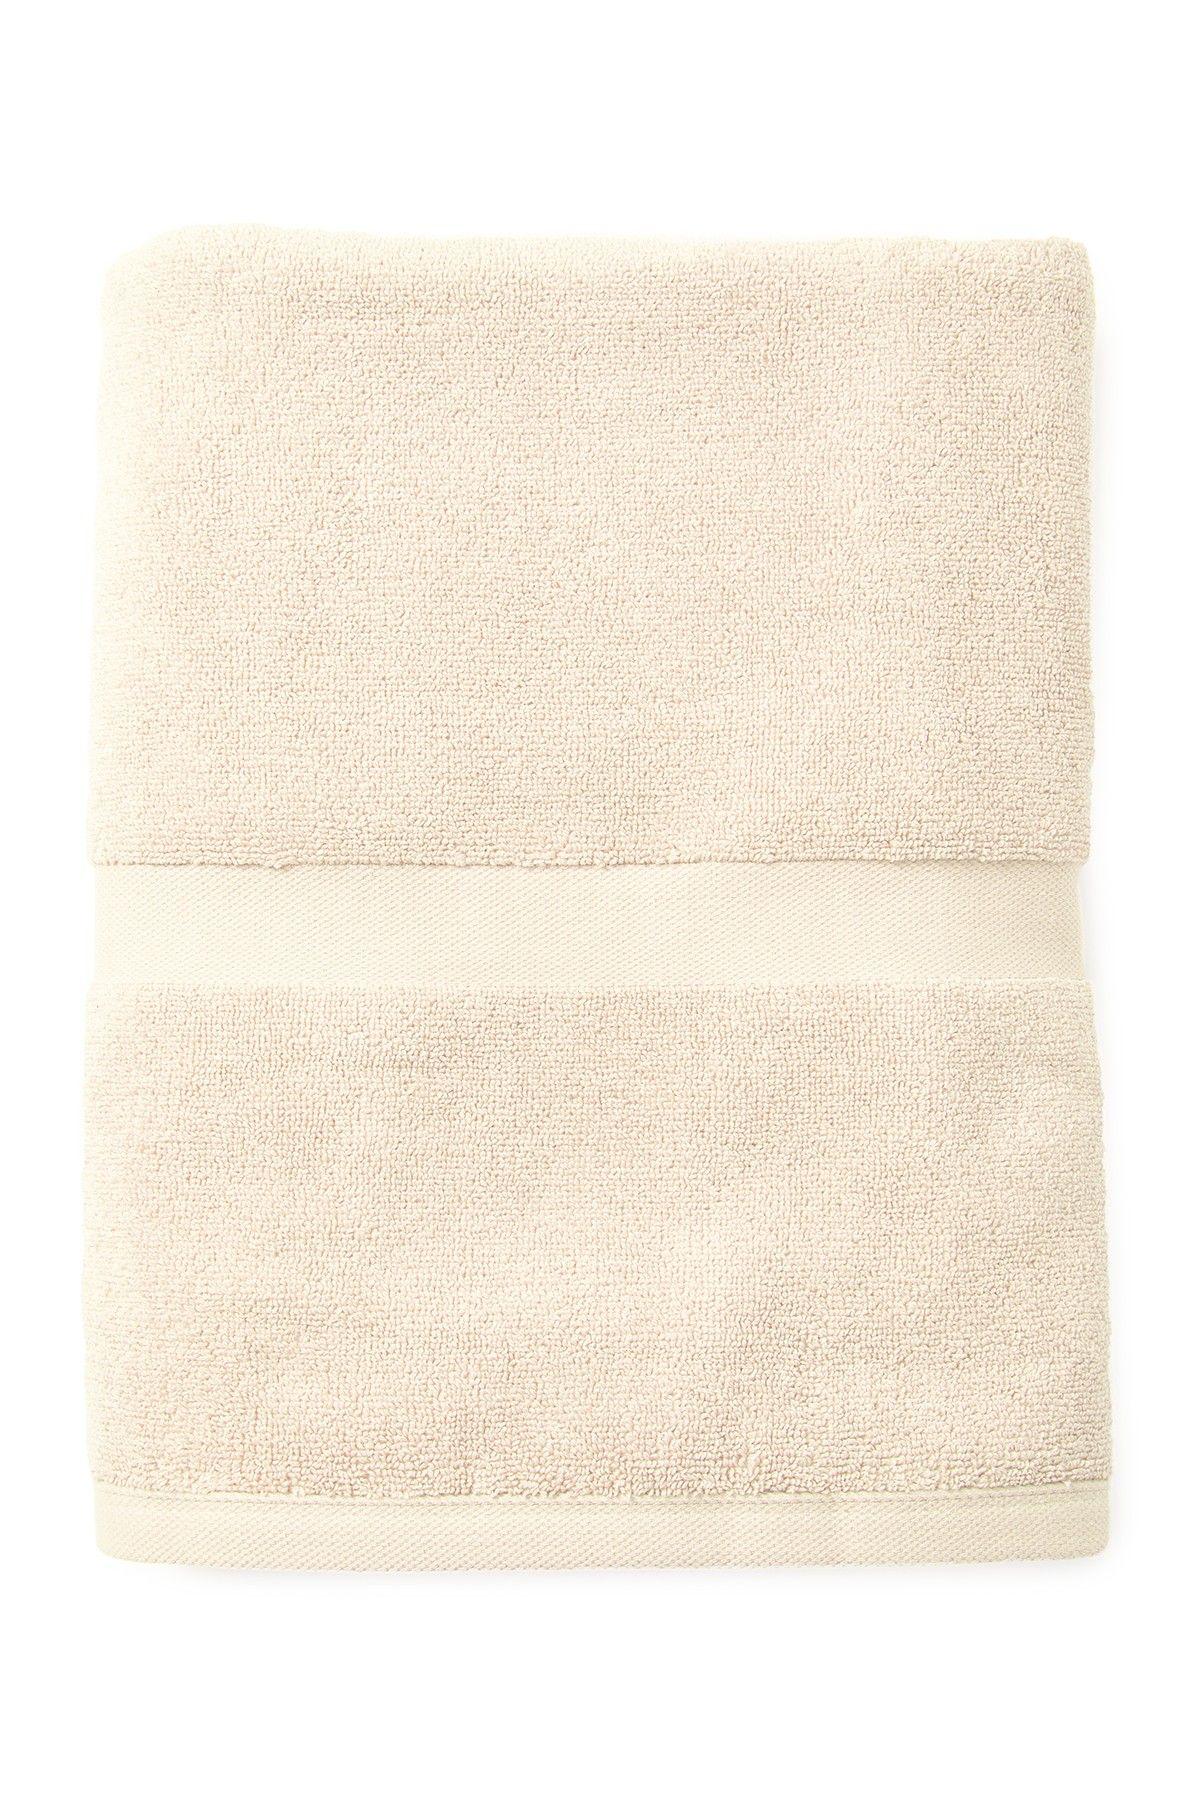 Lacoste Court Bath Towel 30x54 Sponsored Spon Bath Court Lacoste Towel Fashion Towel Bath Towels